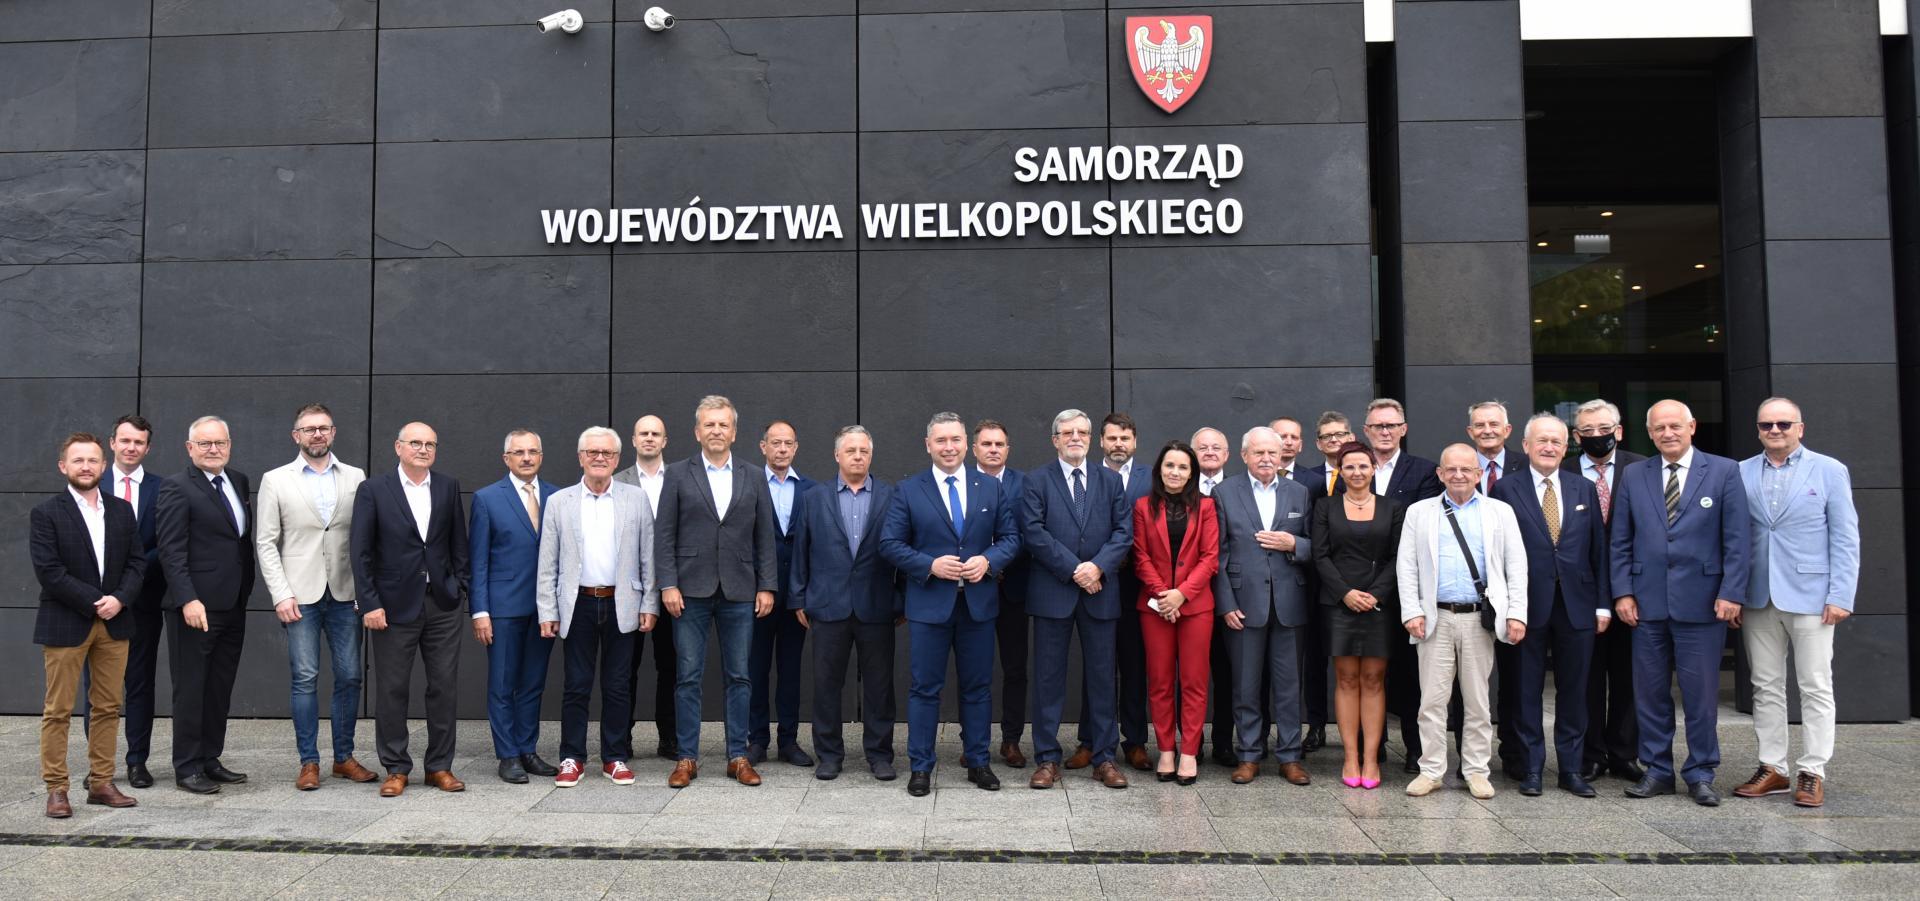 Posiedzenie inauguracyjne Wielkopolskiej Rady Trzydziestu nowej kadencji - zobacz więcej